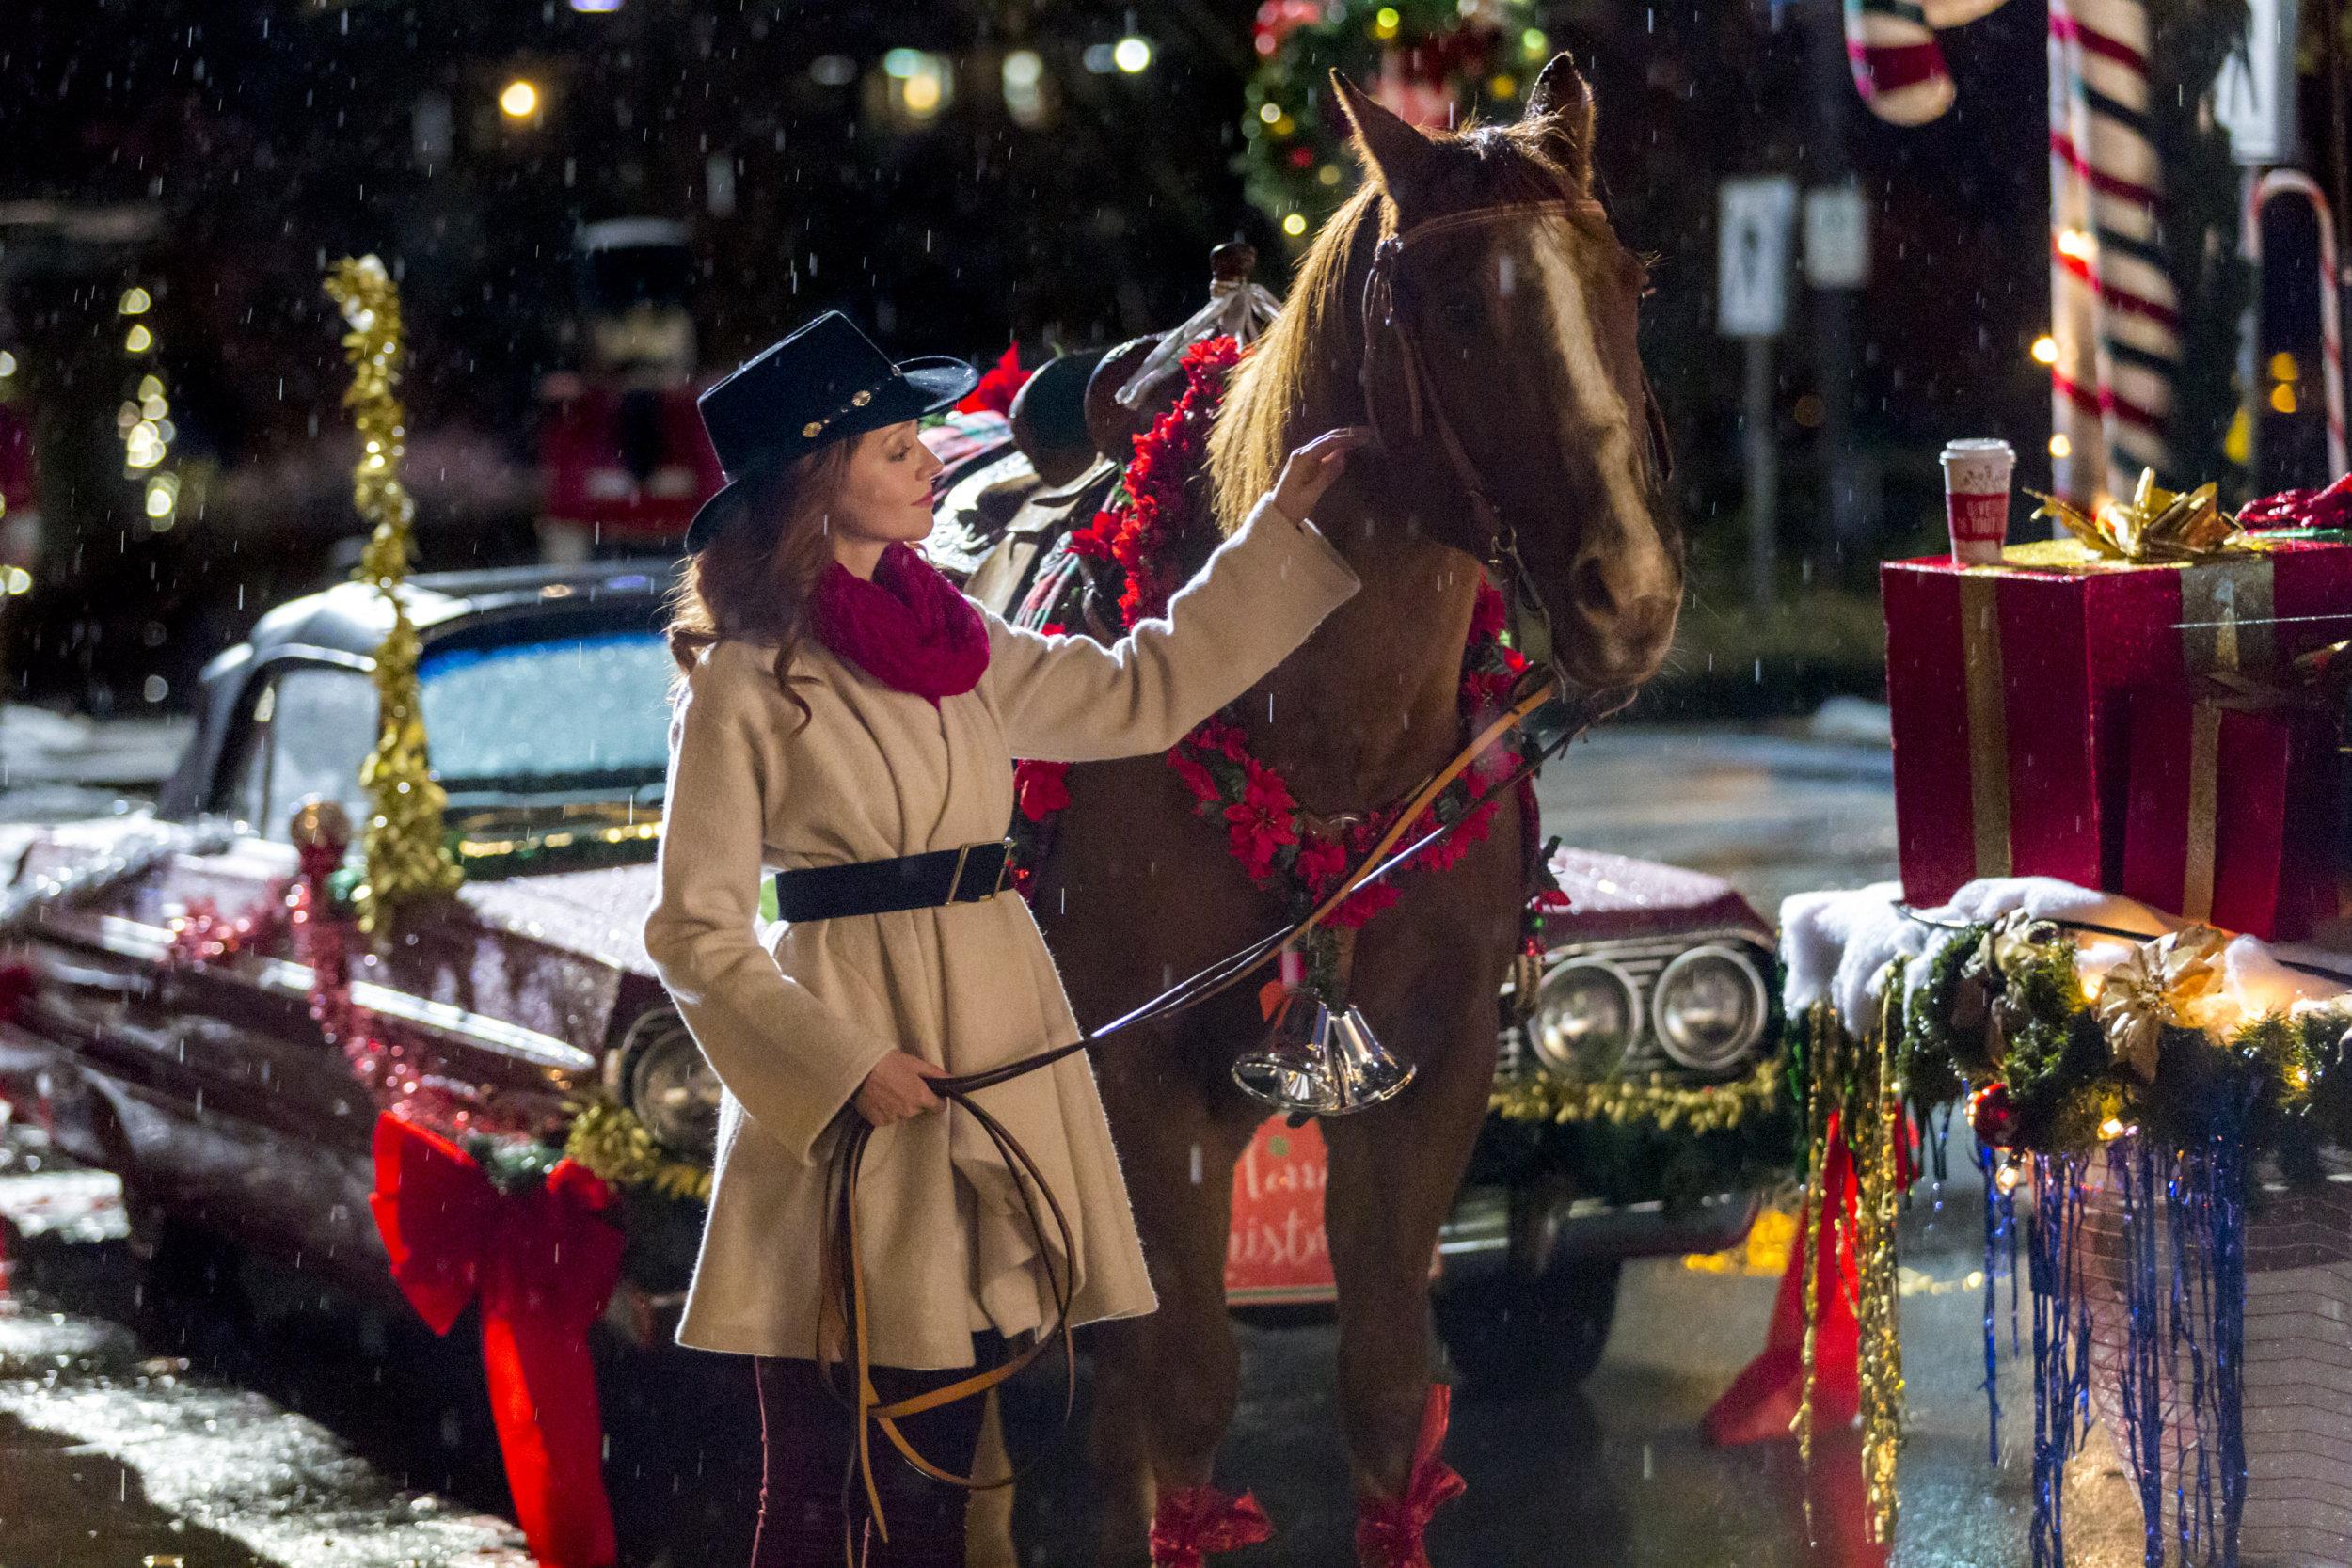 Preview + Sneak Peek - Rocky Mountain Christmas